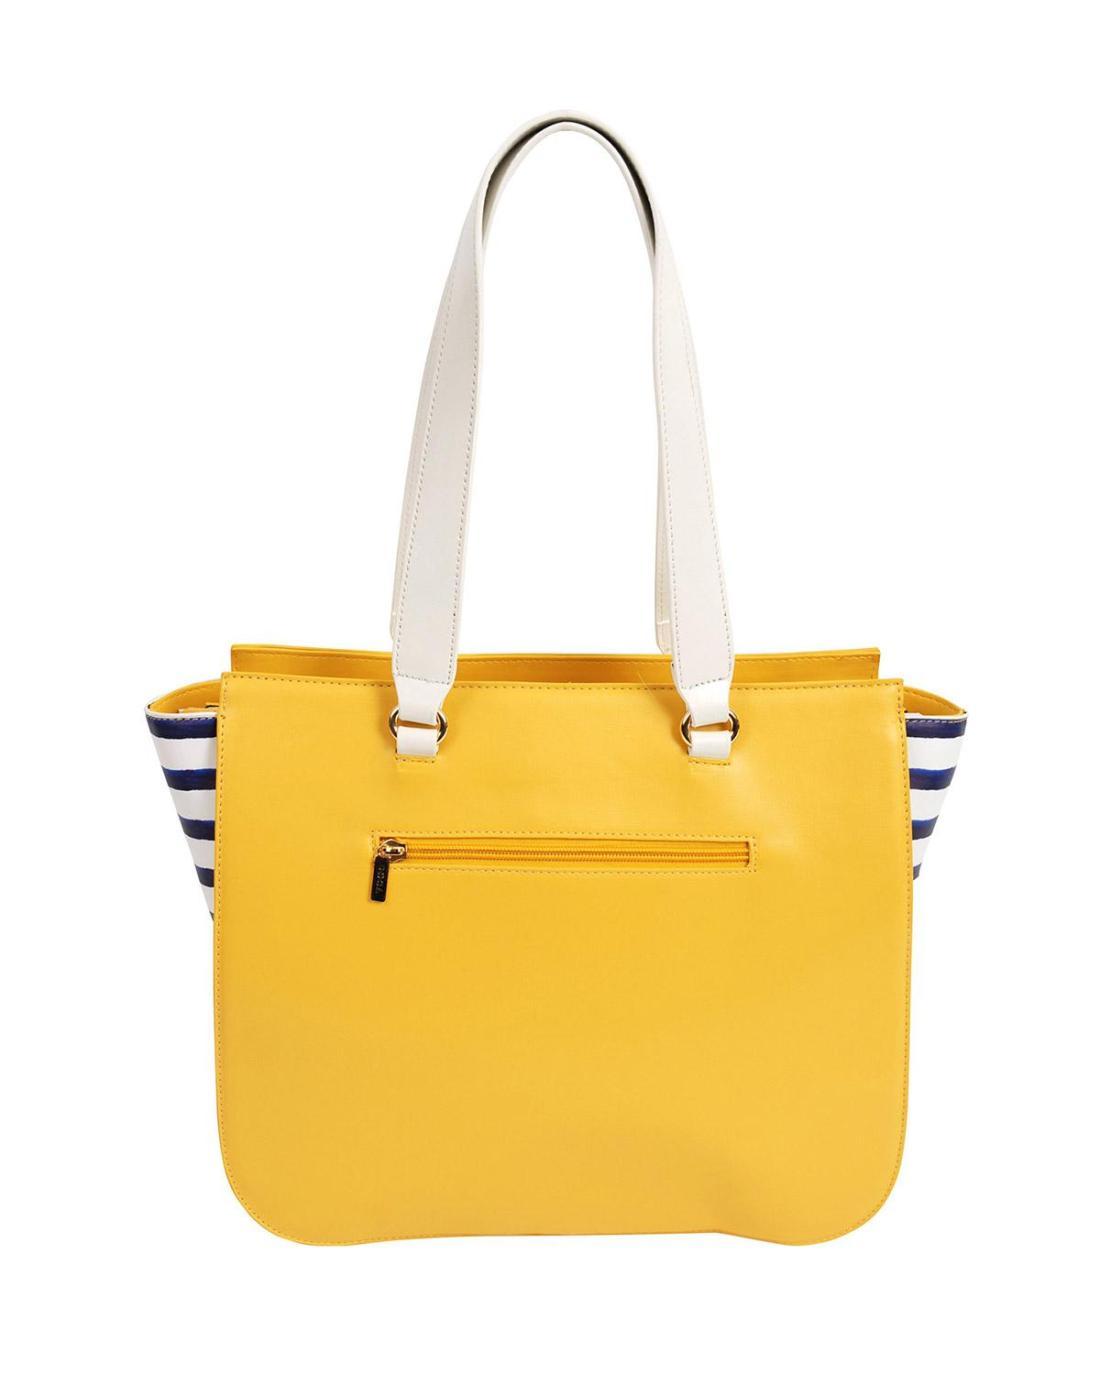 Handtasche gelb